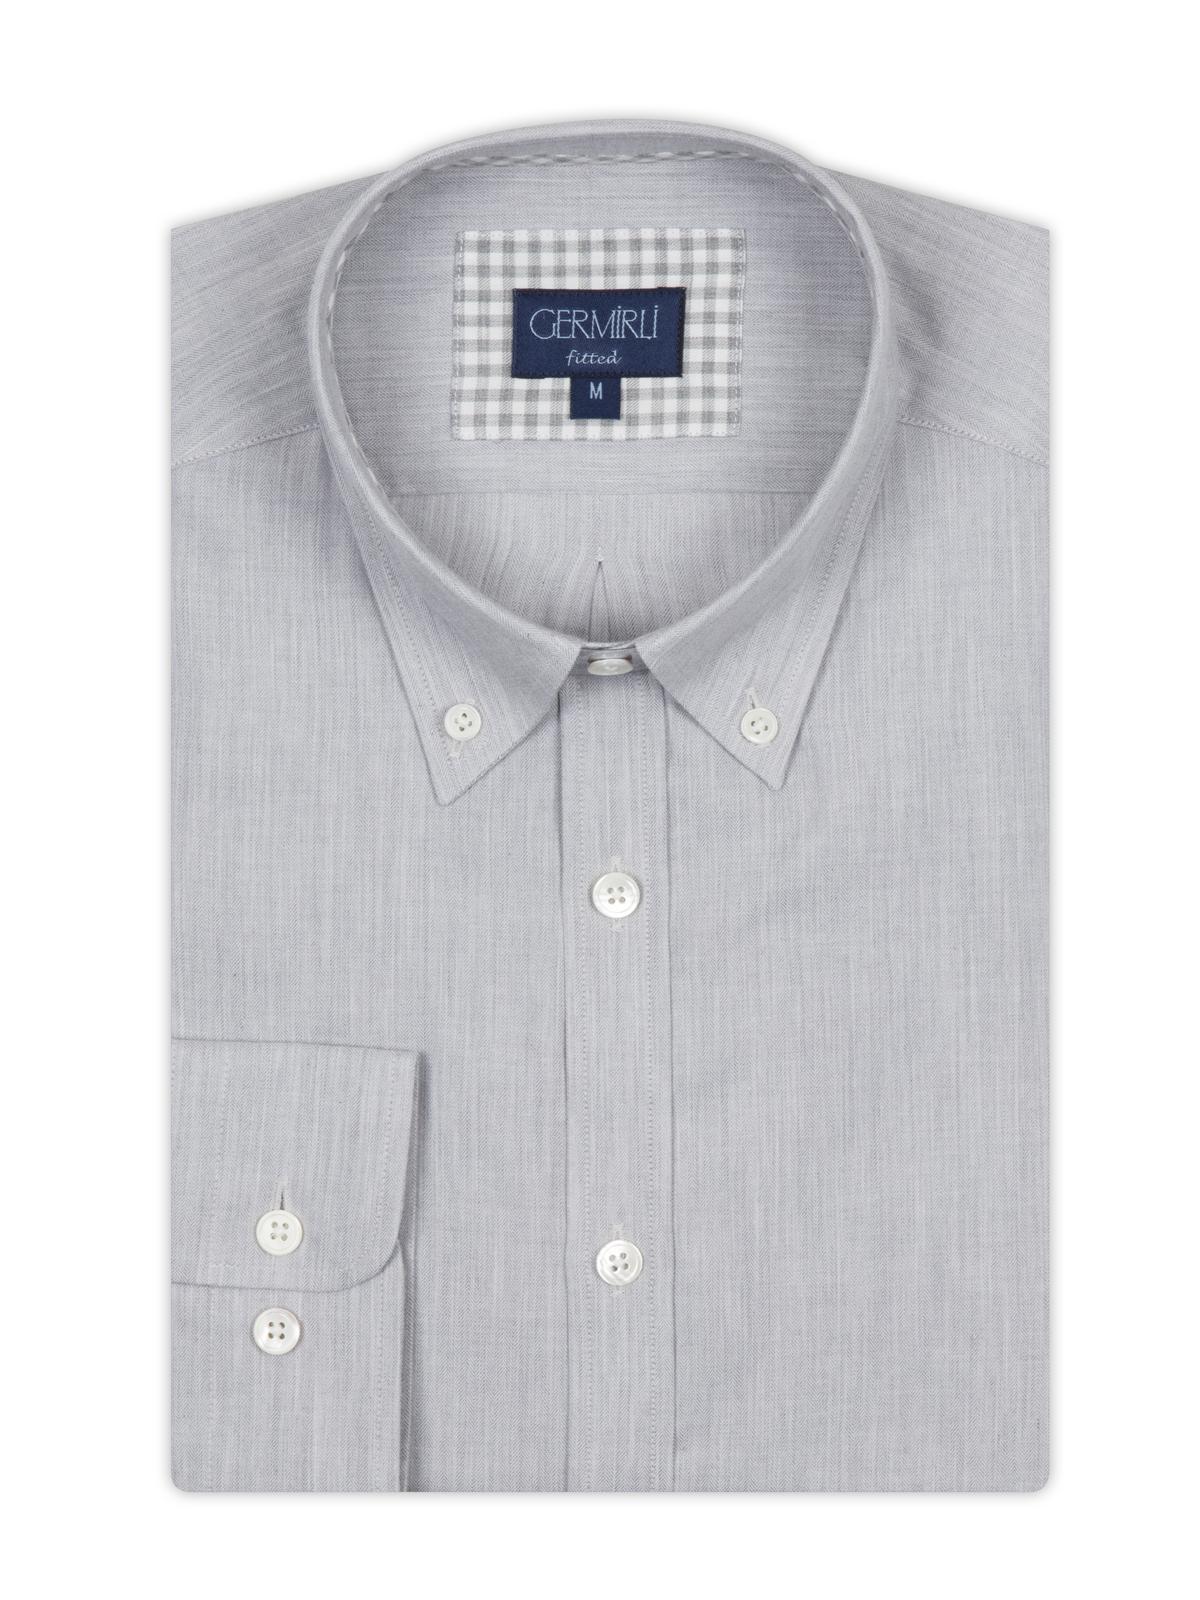 Germirli Gri KotDüğmeli Yaka Tailor Fit Gömlek